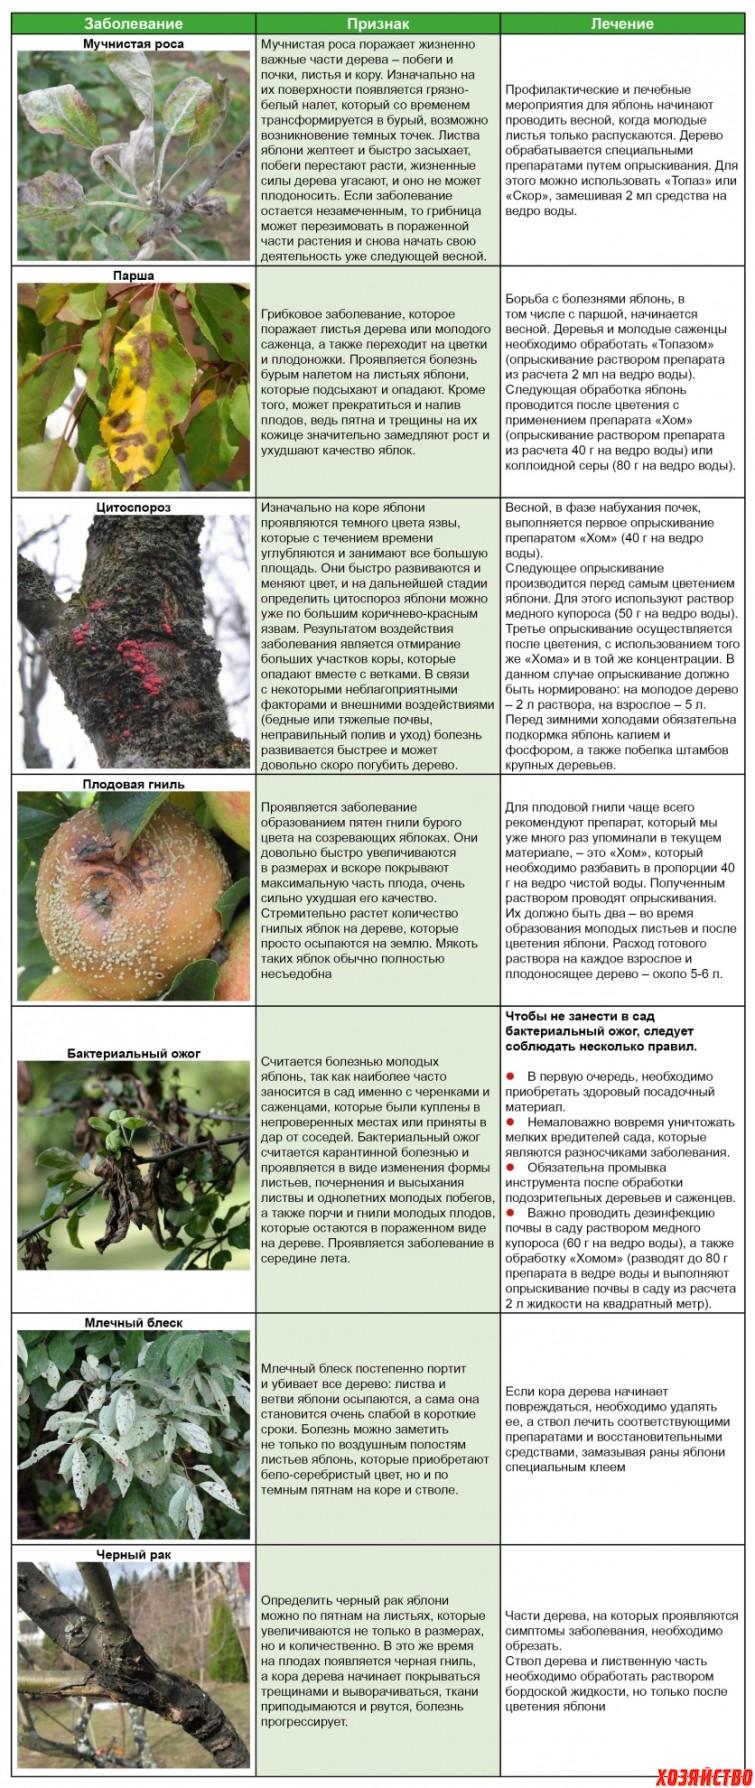 Самые опасные болезни яблонь и способы борьбы с ними. Таблица1.jpg